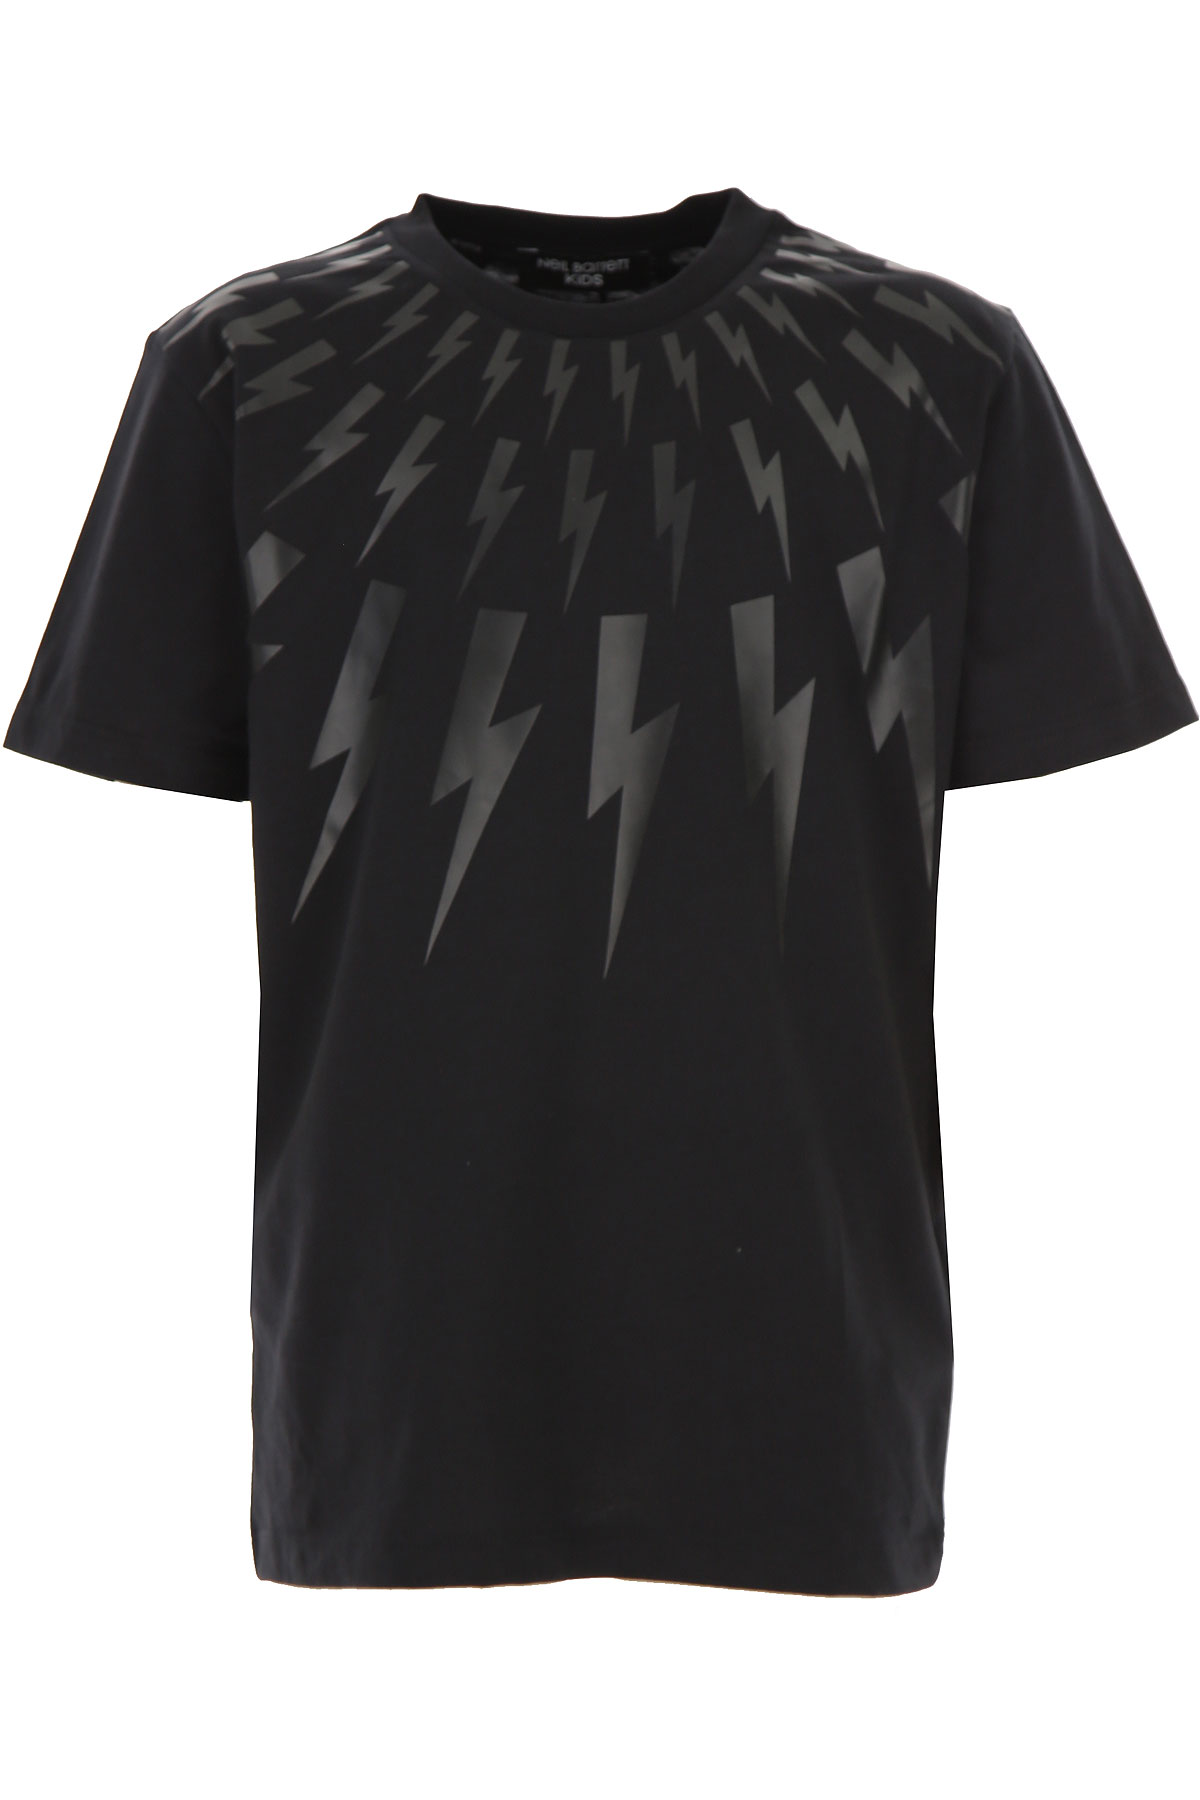 Neil Barrett Kids T-Shirt for Boys On Sale, Black, Cotton, 2019, 10Y 12Y 8Y